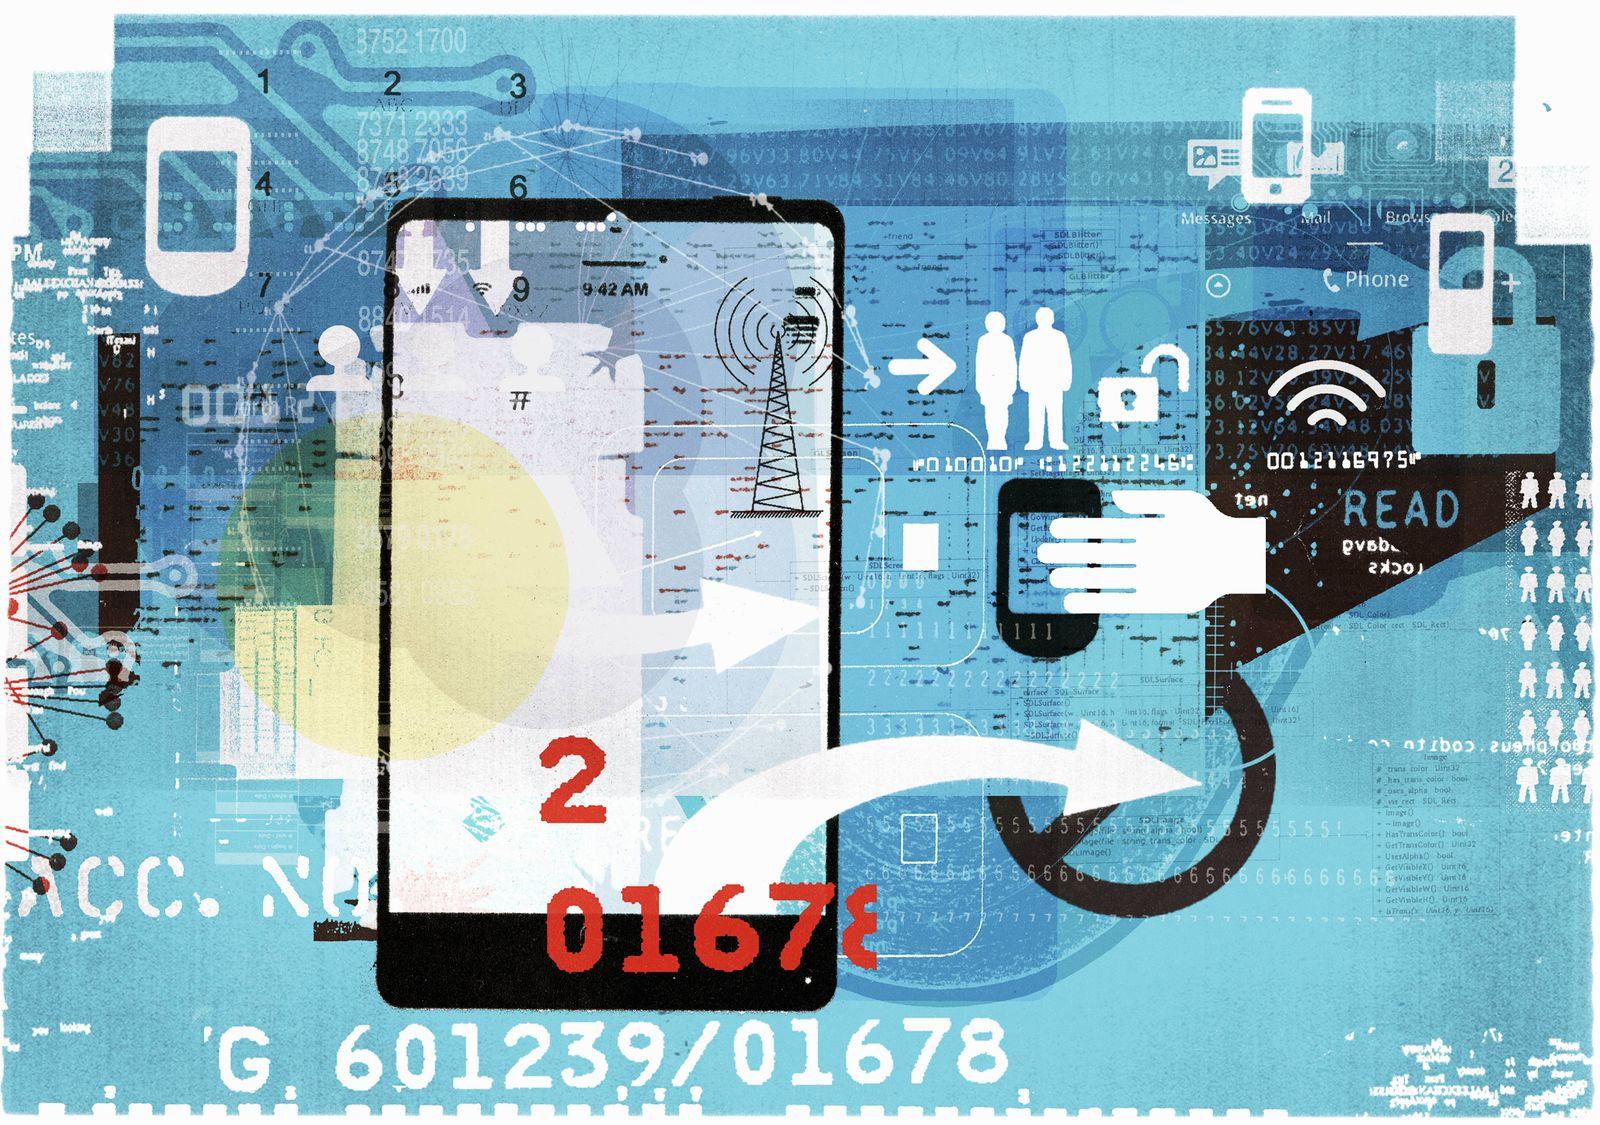 EINMALIGE VERWENDUNG BSI/ Internet/ Sicherheit